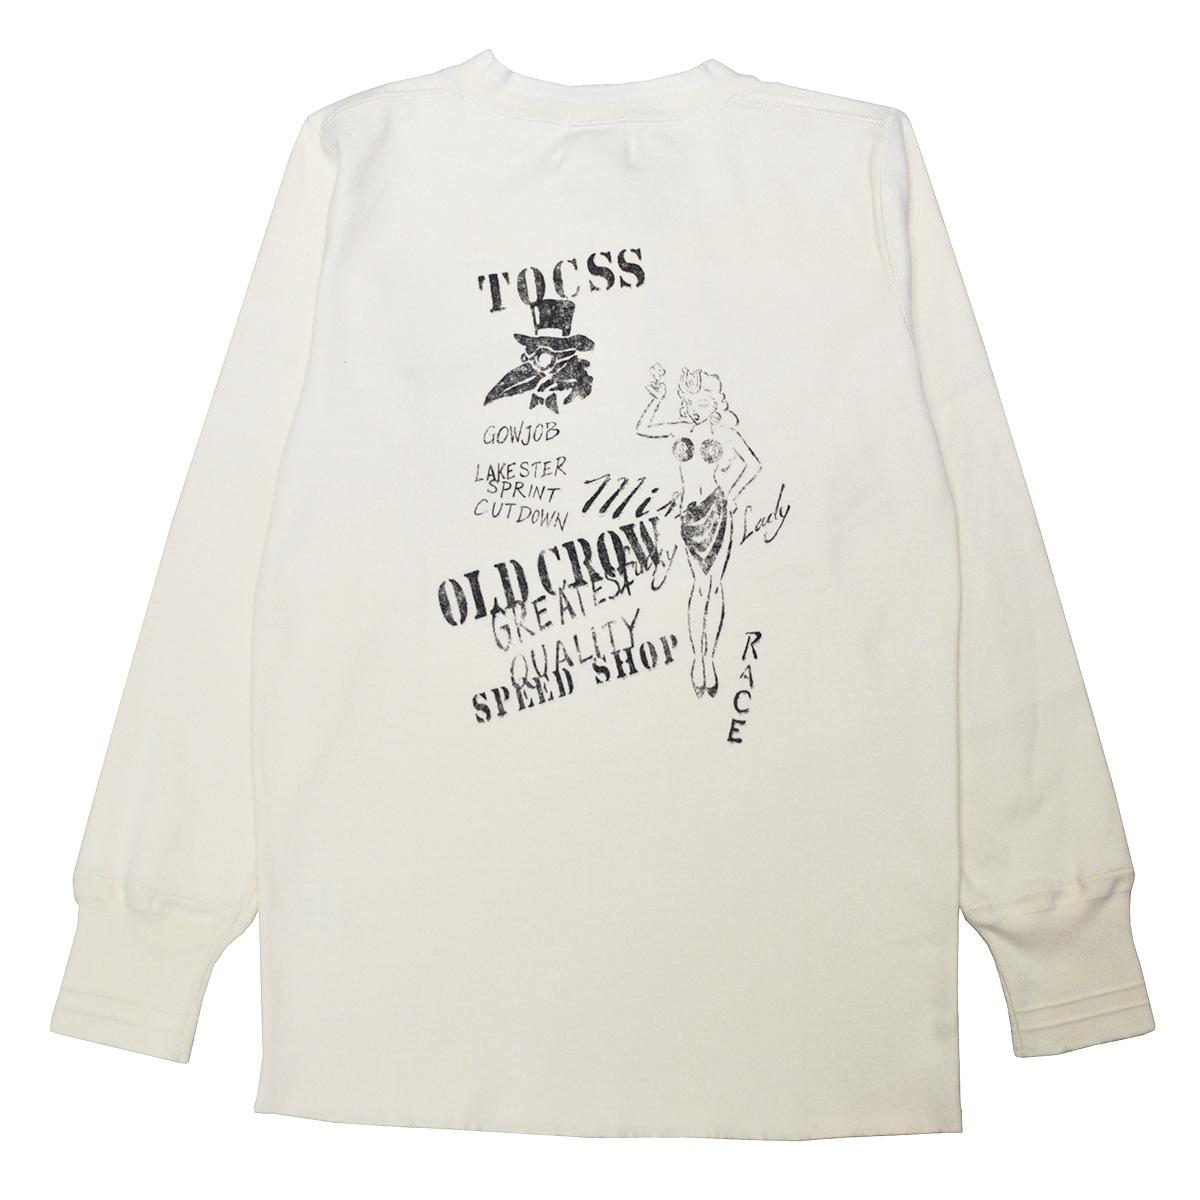 【期間限定クーポン 8/10.23:59まで】【残りSサイズのみ】OLD CROW LUCKY LADY - THICK HENRY L/S T-SHIRTS (WHITE)オールドクロウ ヴィンテージ加工 長袖Tシャツ /SPEED SHOP/スピードショップ/GLADHAND【GANGSTERVILLE/ギャングスタービル/WEIRDO/ウィアード】